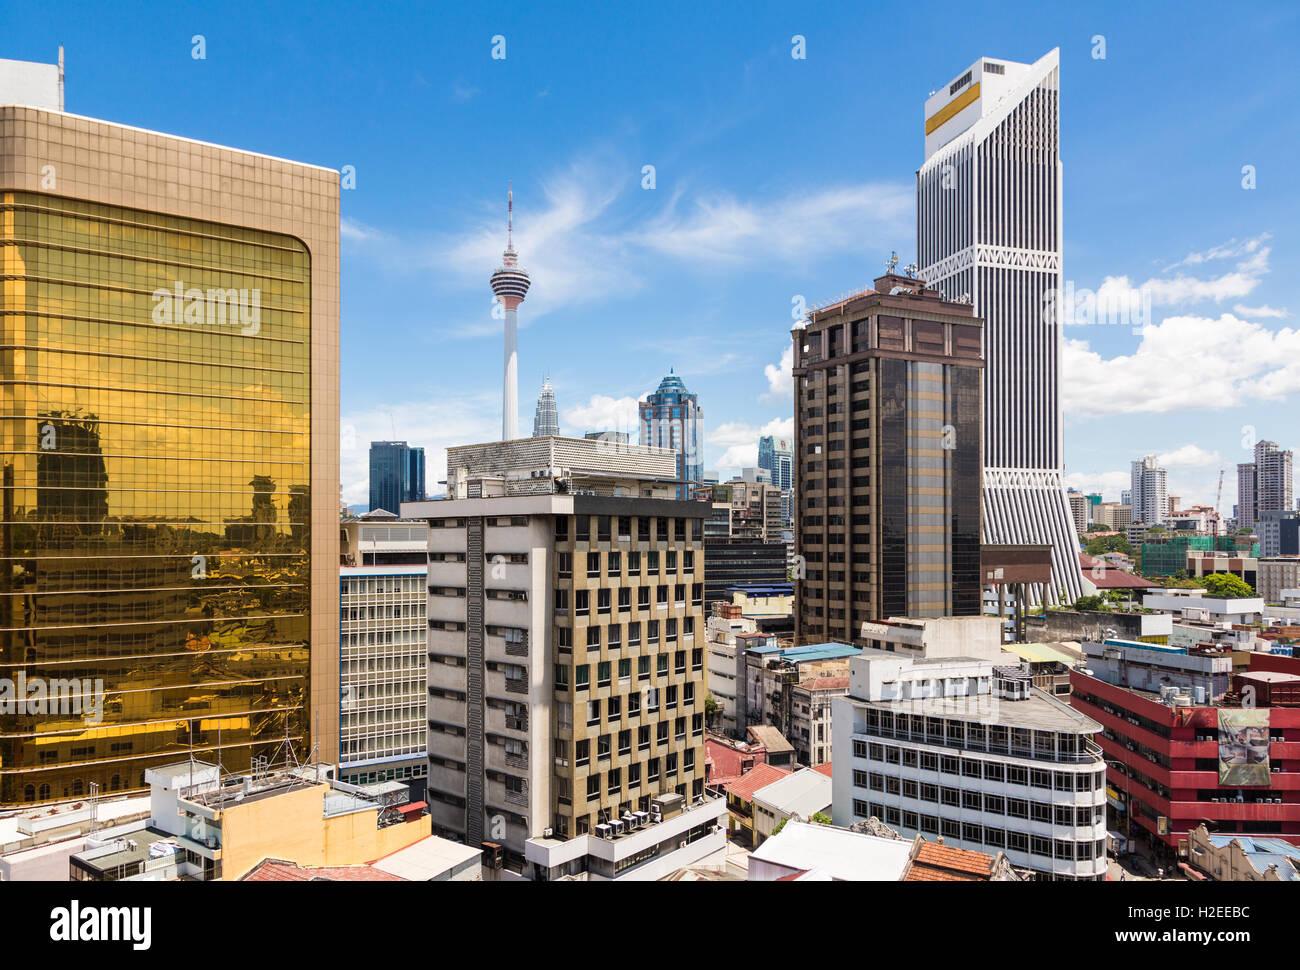 Kuala Lumpur cityscape intorno al quartiere finanziario in Malaysia città capitale con la Torre KL in background. Immagini Stock